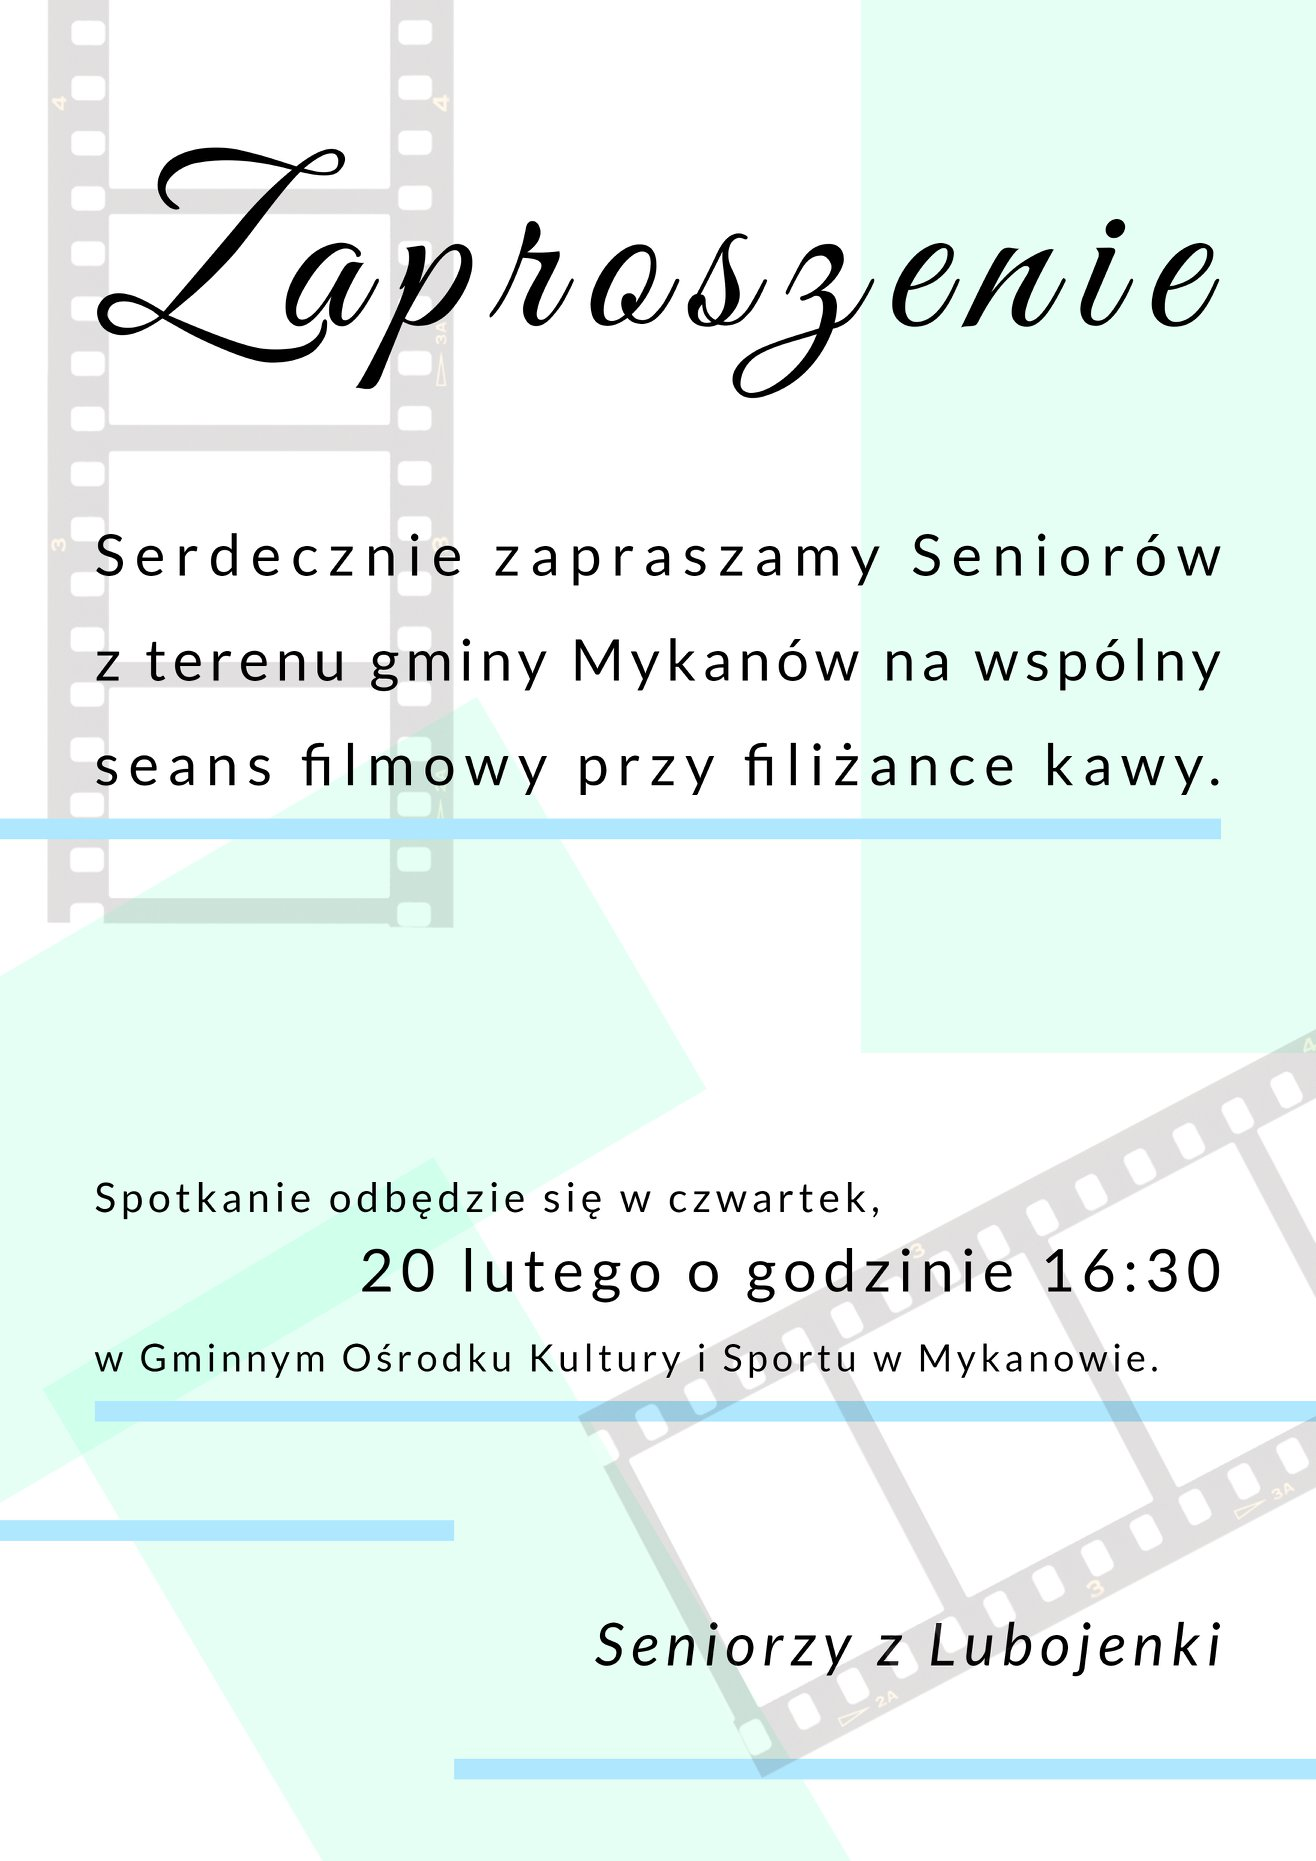 Seniorzy z Lubojenki serdecznie zapraszają na seans filmowy!